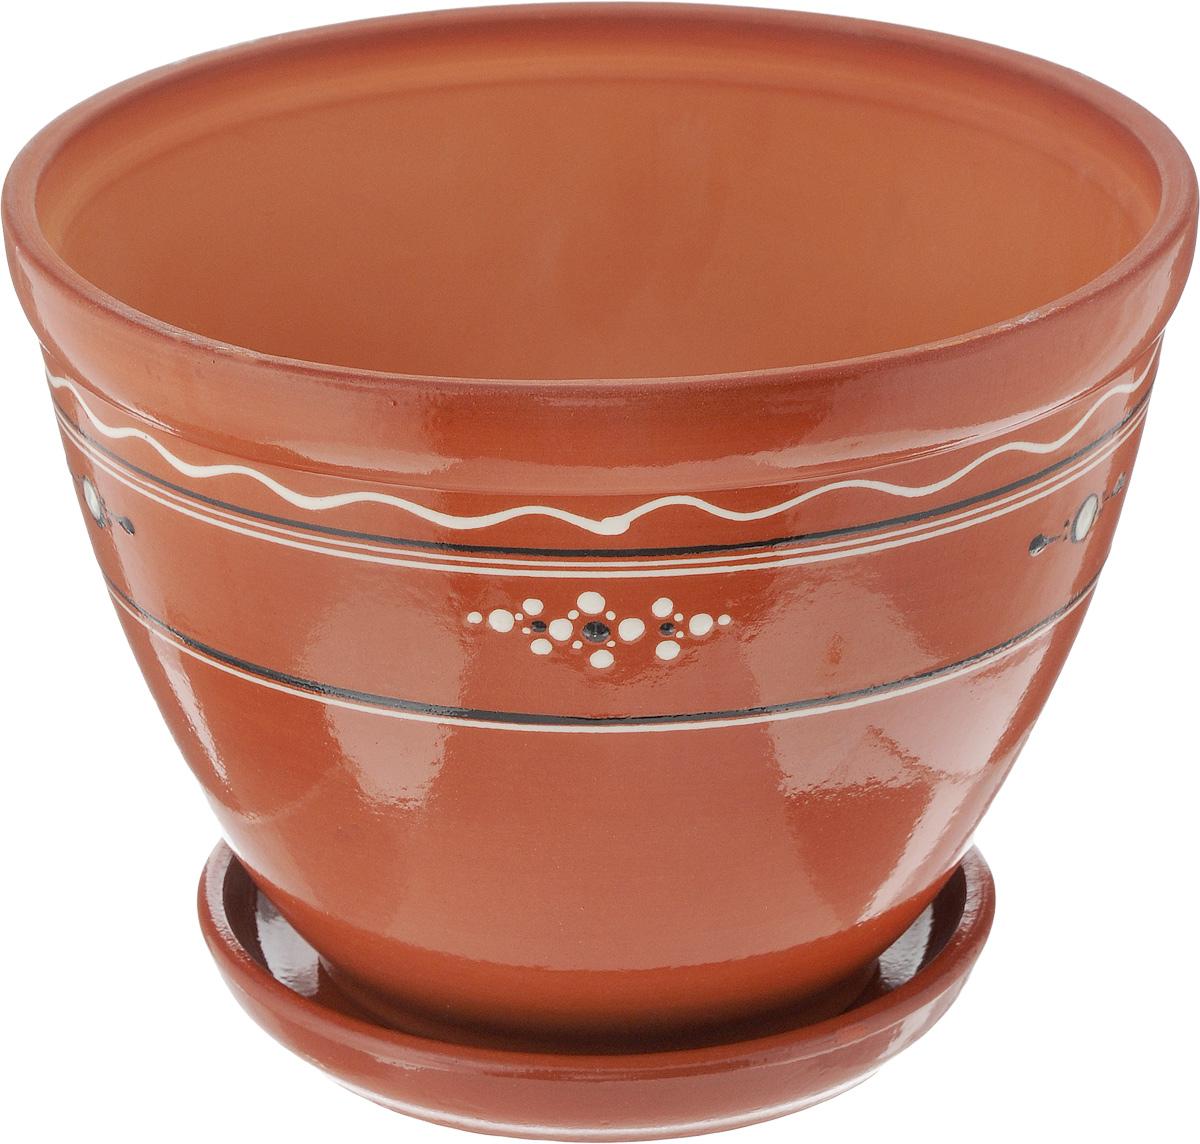 Горшок для цветов Ломоносовская керамика, с поддоном, 3,5 лЛ4818Горшок Ломоносовская керамика изготовлен из высококачественной керамики и оснащен поддоном для стока воды. Внешние стенки изделия покрыты глазурью и оформлены оригинальным рисунком. Изделие прекрасно подойдет для выращивания растений дома и на приусадебных участках. Диаметр (по верхнему краю): 24 см. Высота (с поддоном): 18 см. Размер поддона: 17 х 17 х 3 см.